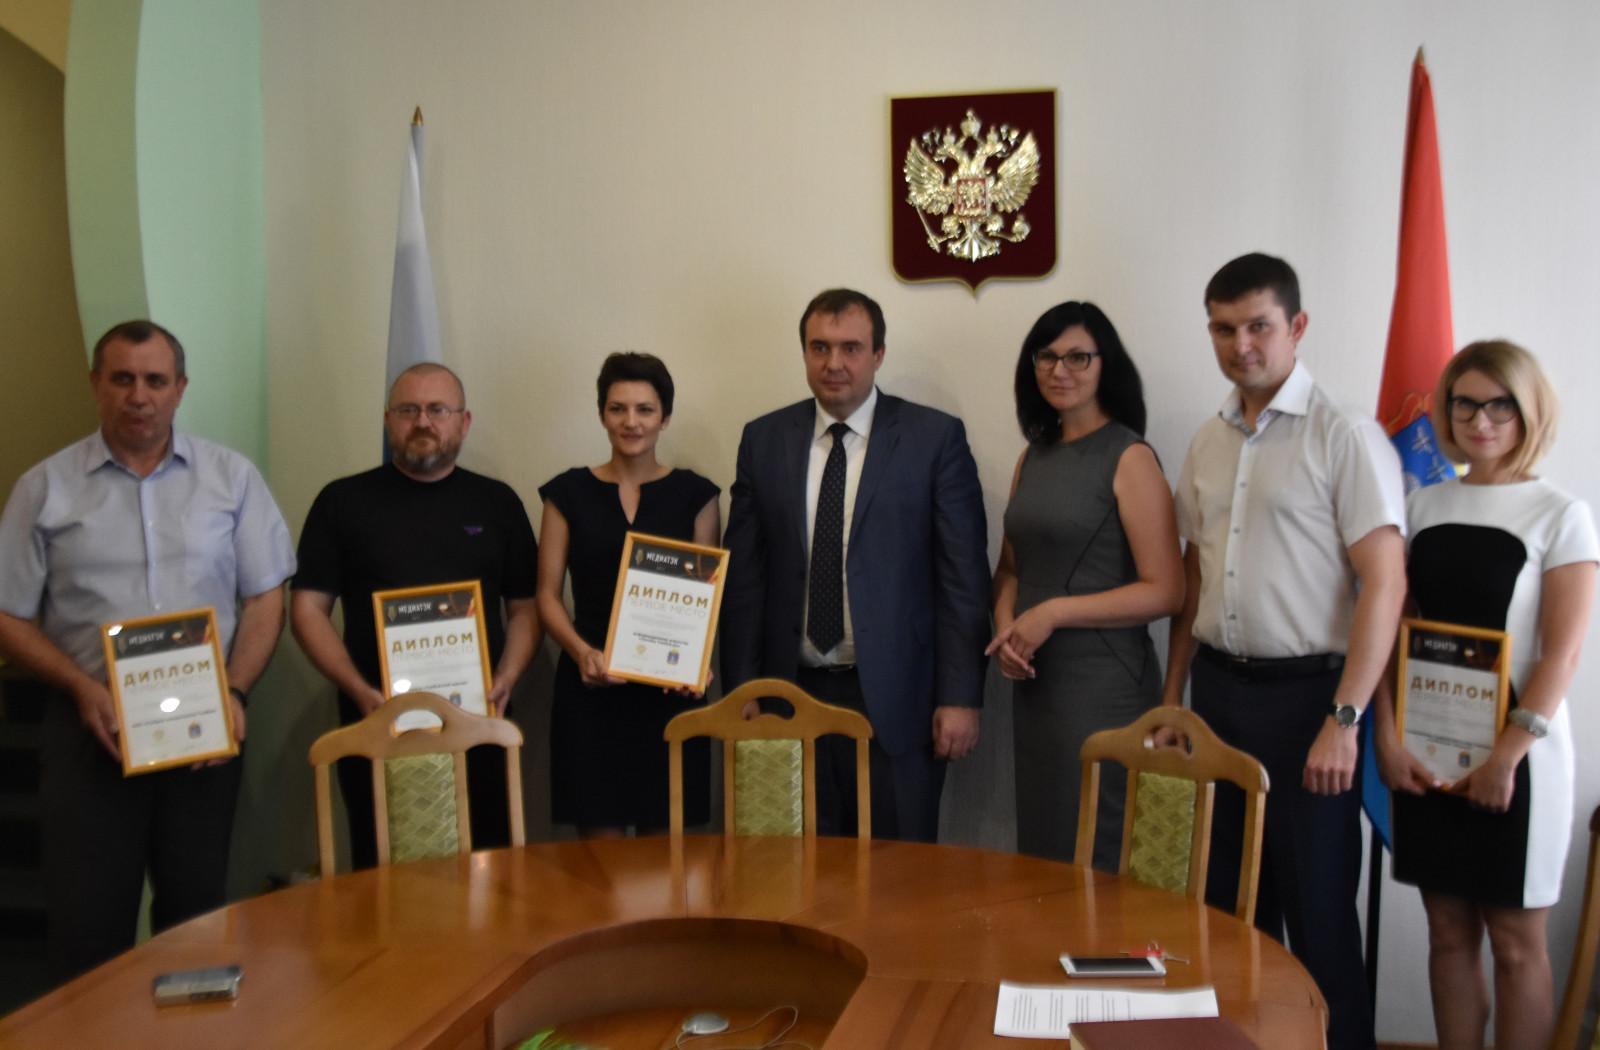 Вице-губернатор Игорь Кулаков поблагодарил тамбовских журналистов за объективное освещение вопросов ЖКХ